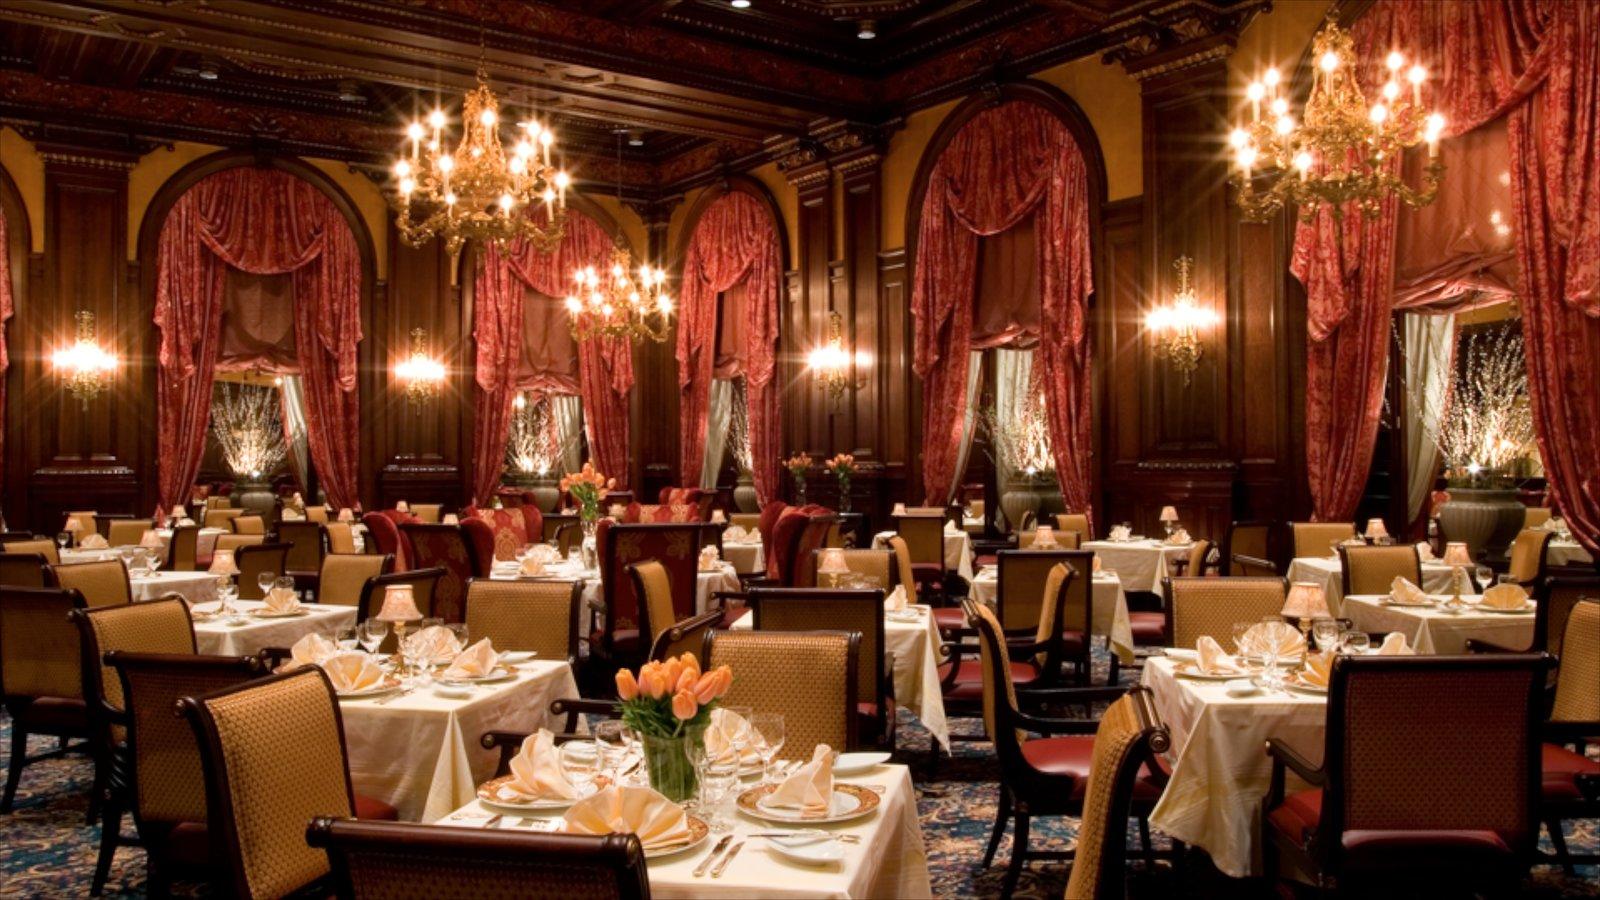 Wilmington que incluye un hotel, salir a cenar y vistas interiores